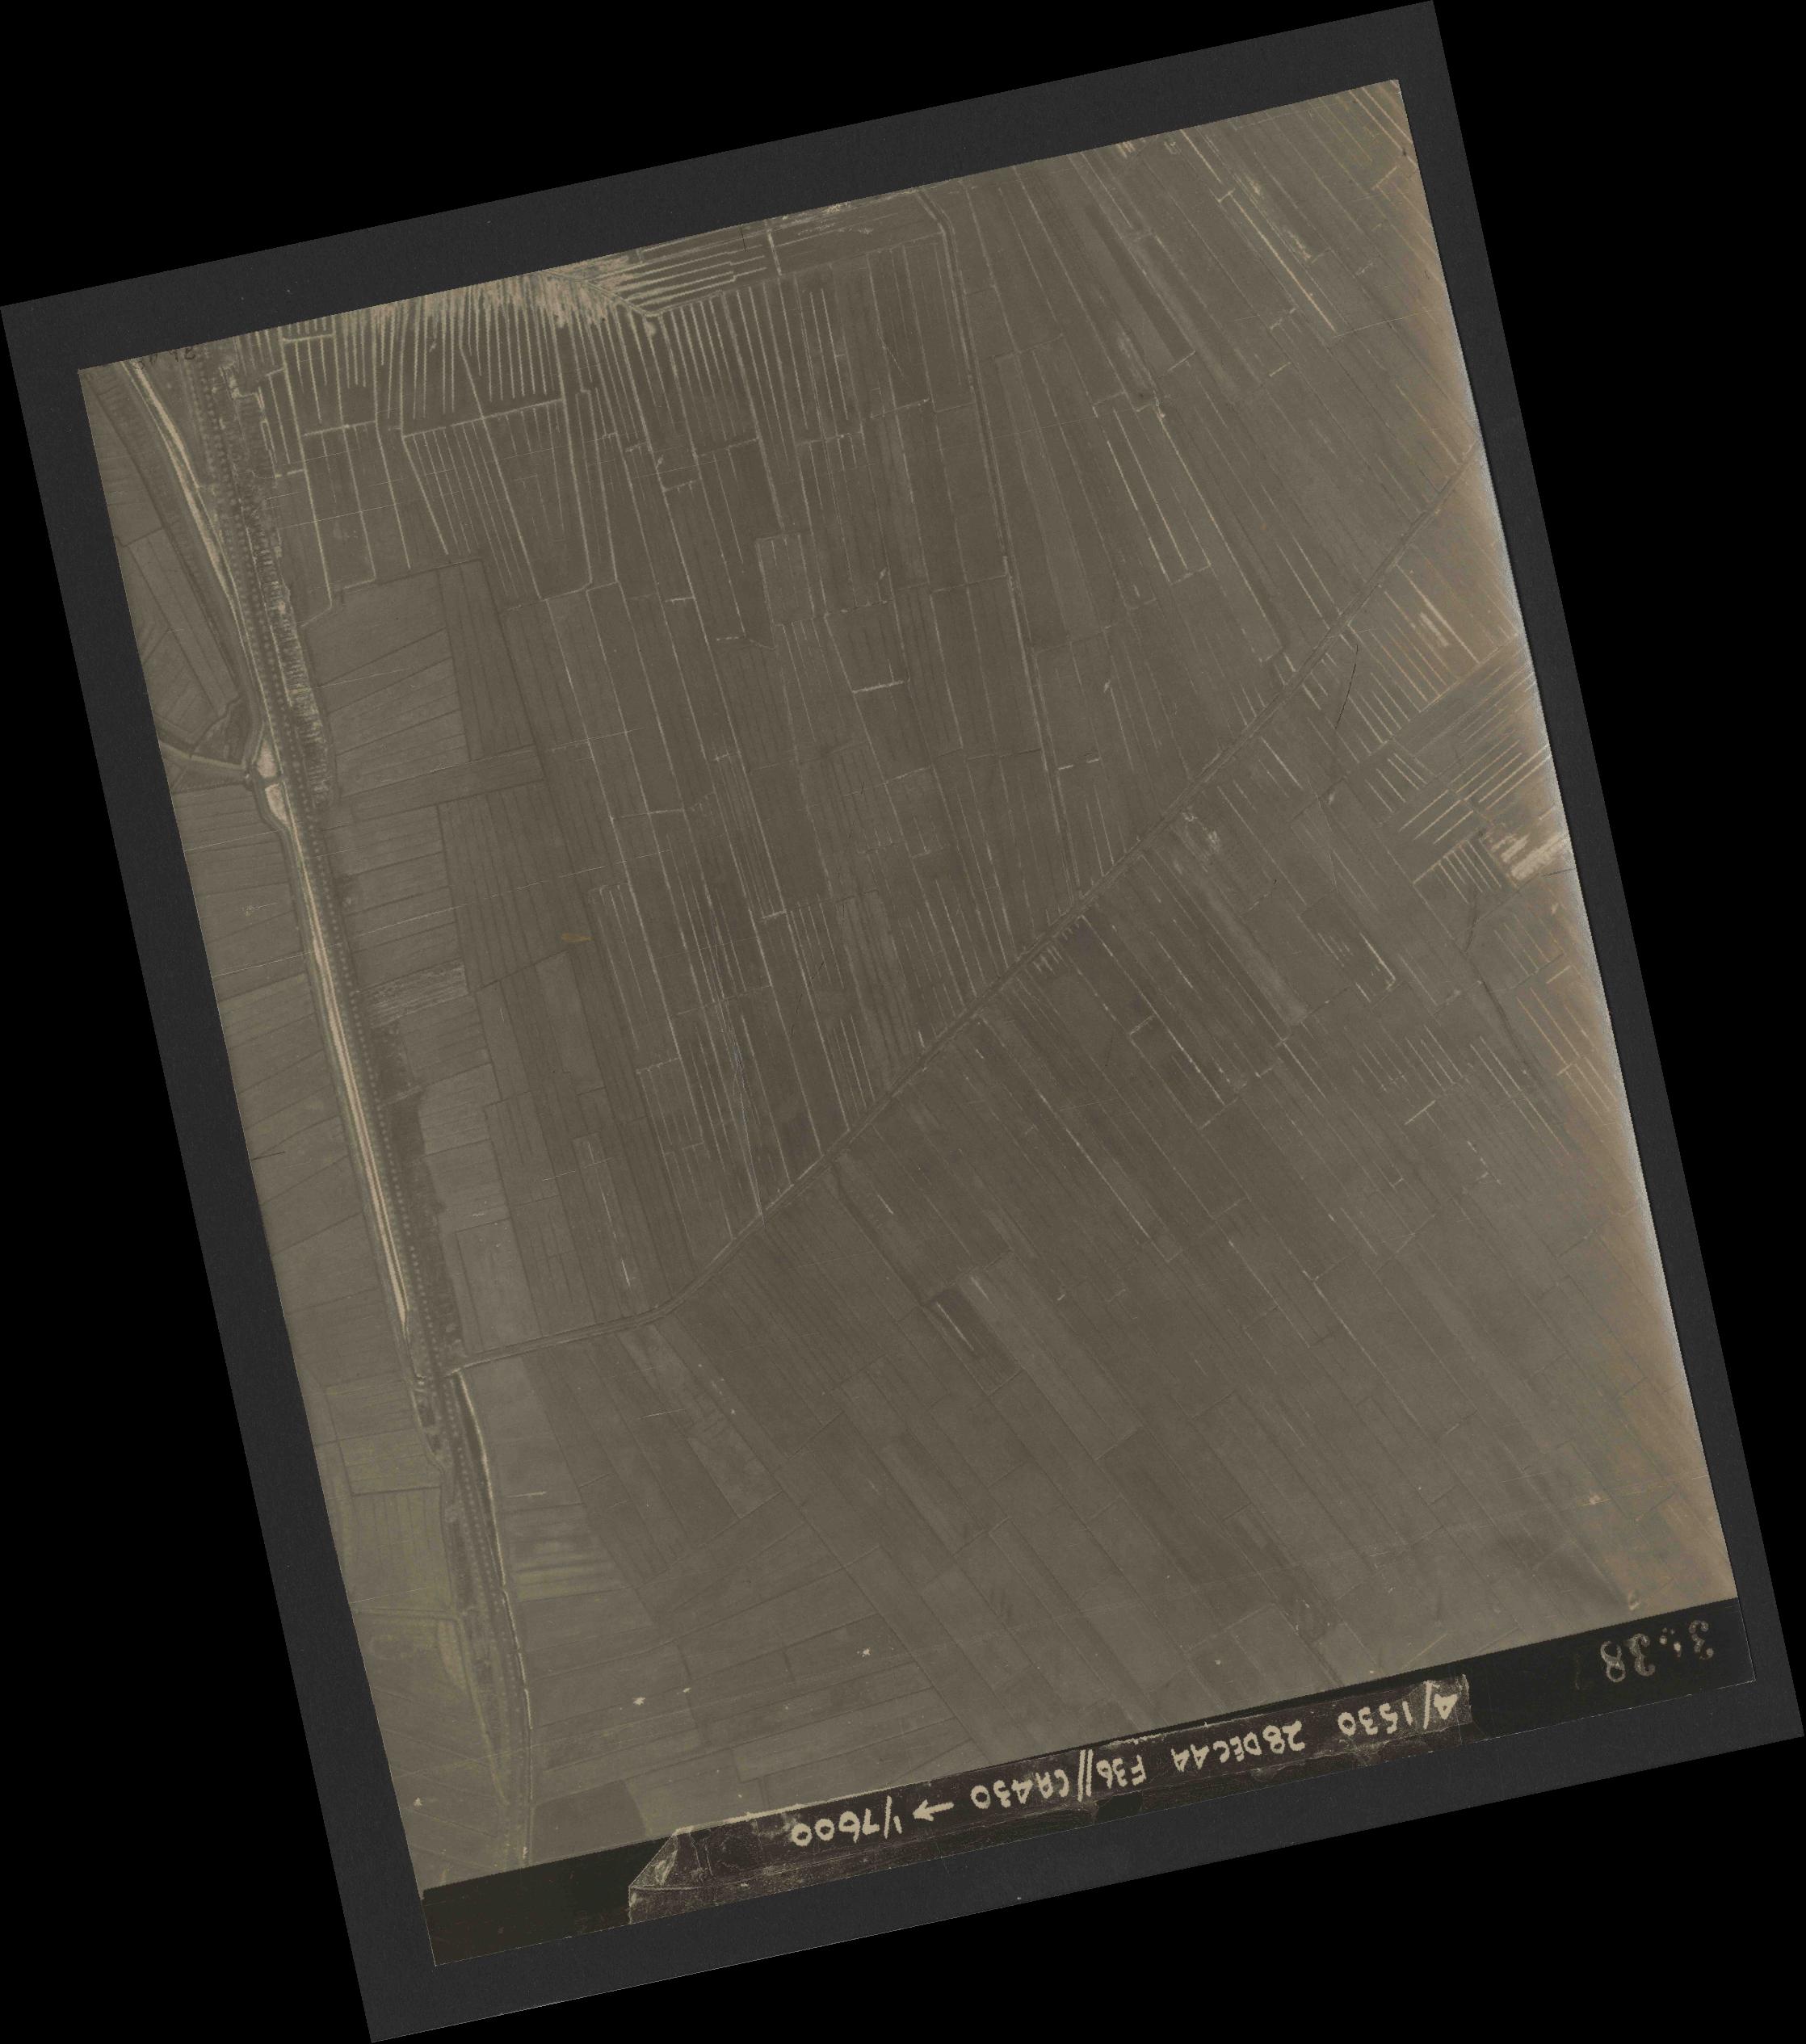 Collection RAF aerial photos 1940-1945 - flight 050, run 06, photo 3038